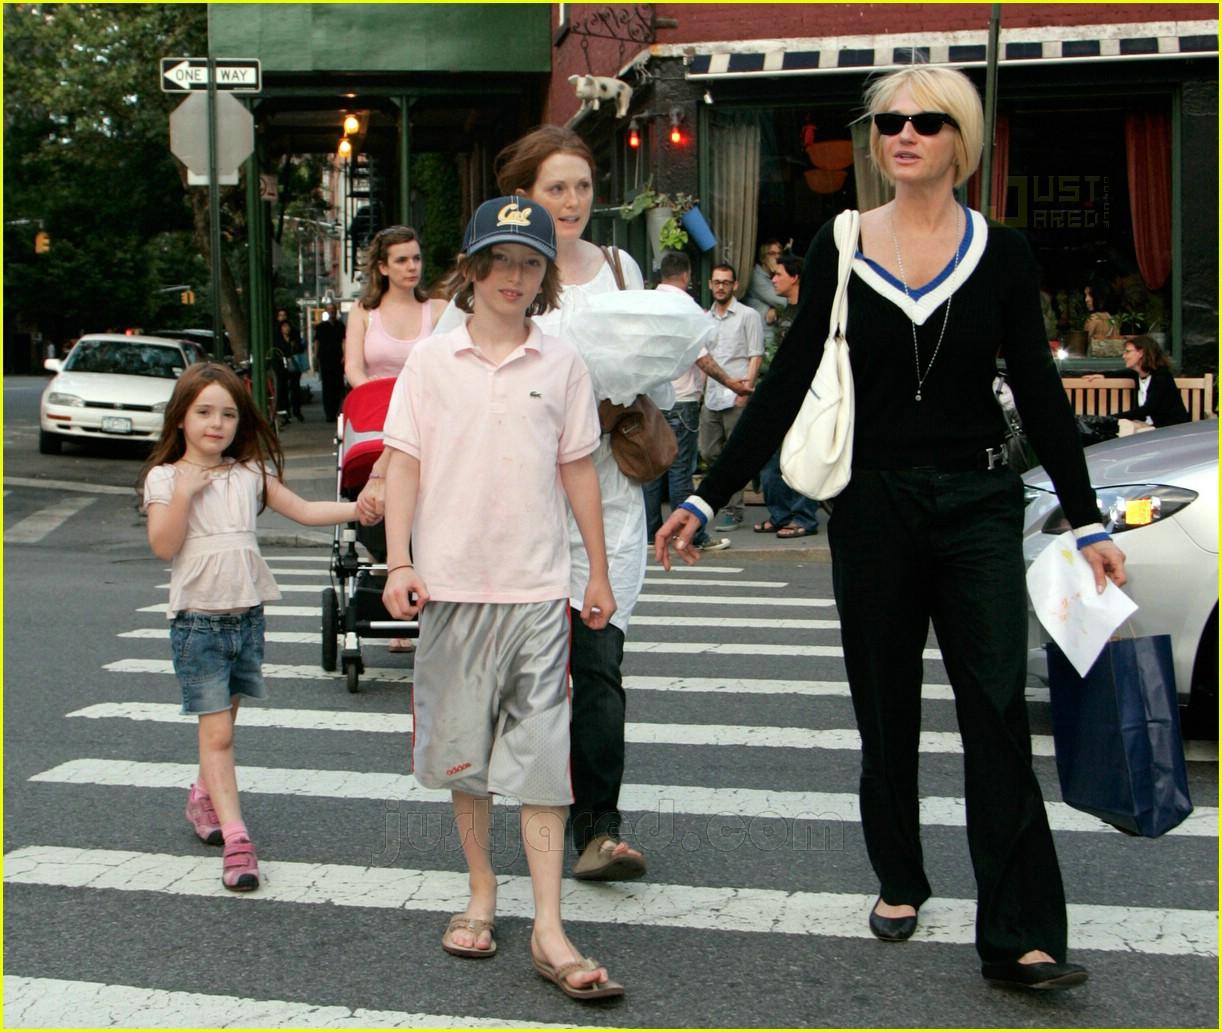 Эллен баркин с детьми фото